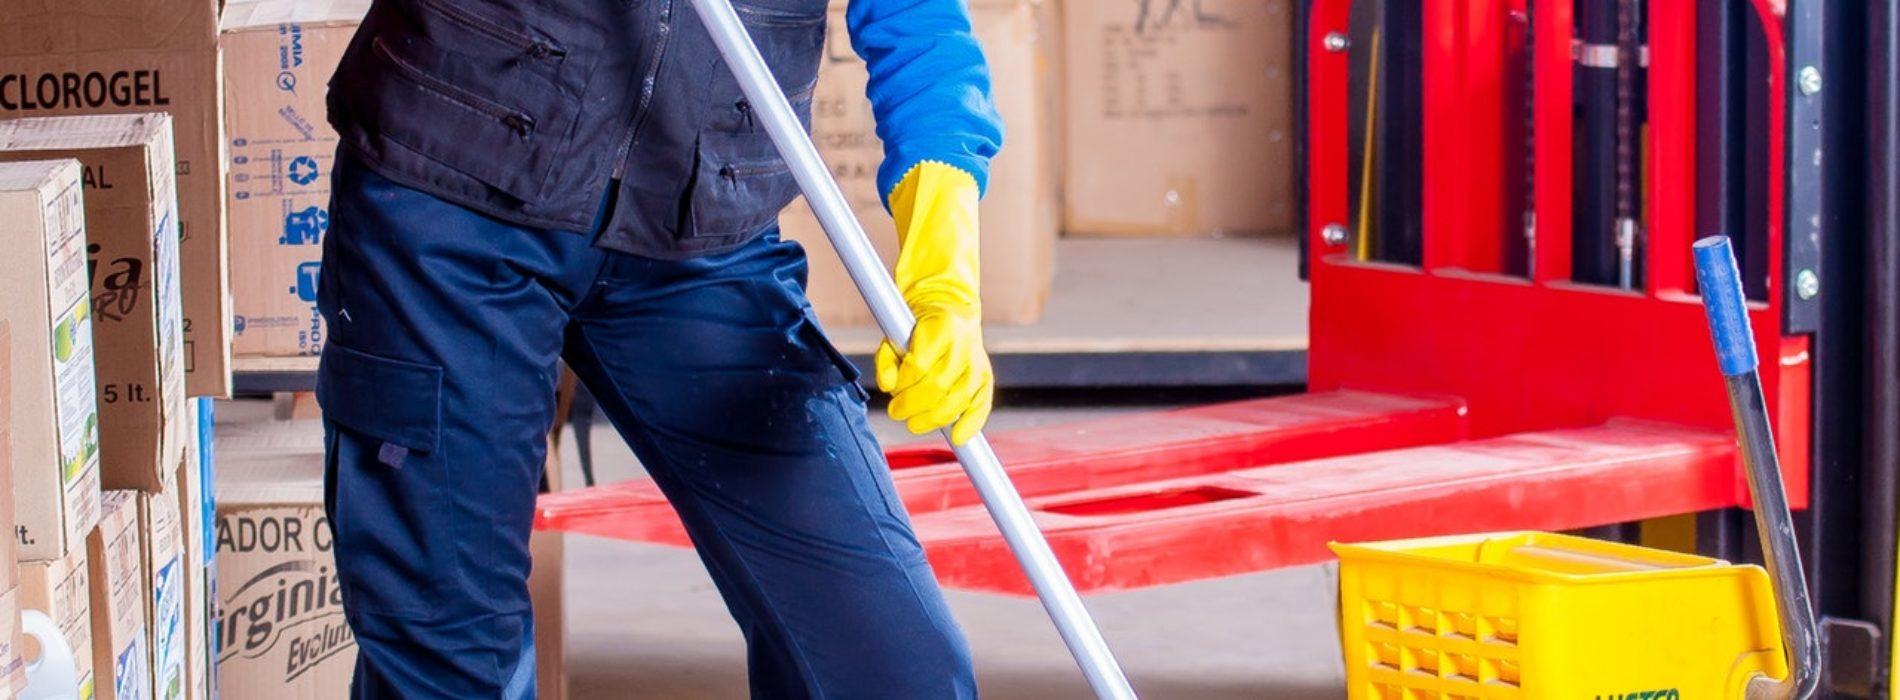 Czy pracodawca musi zapewnić obuwie robocze pracownikowi?